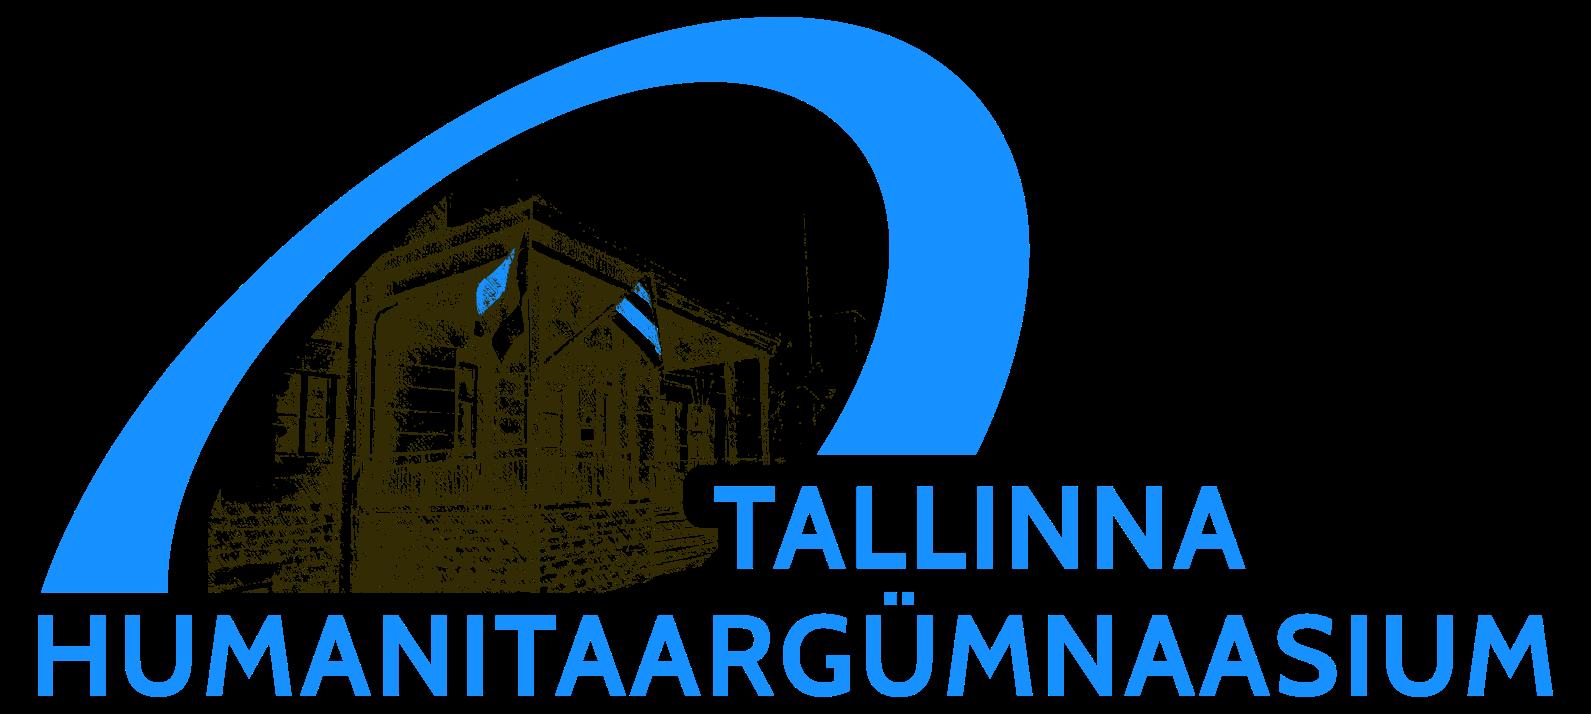 Tallinna humanitaargymnaasium RGB 1591x714